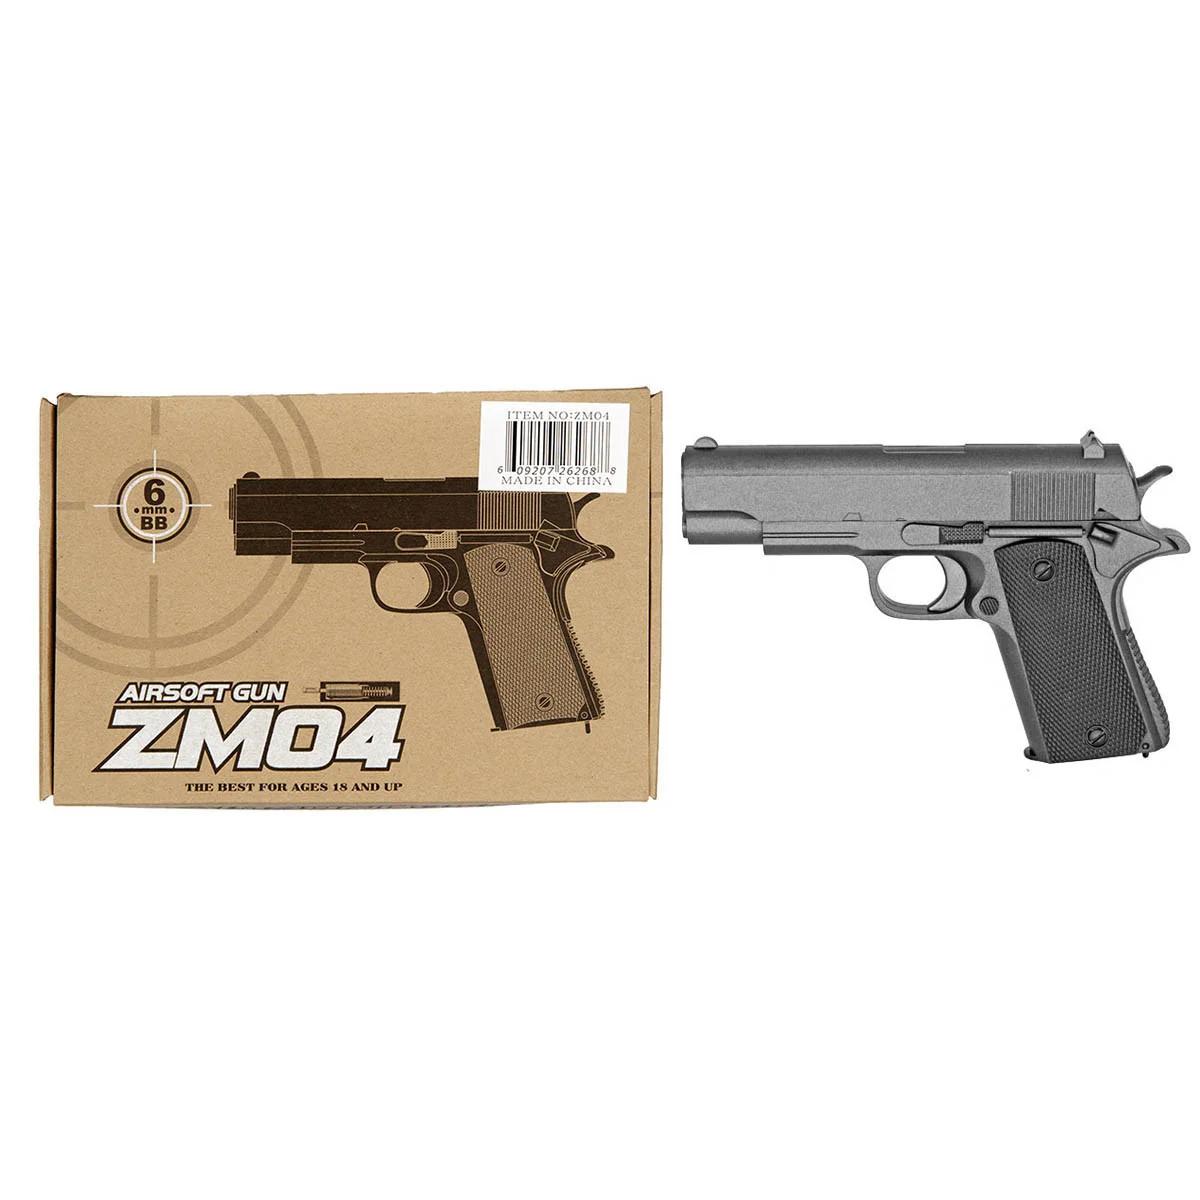 Детский игрушечный металлический пистолет для мальчика CYMA ZM04 L 00020 с пулями